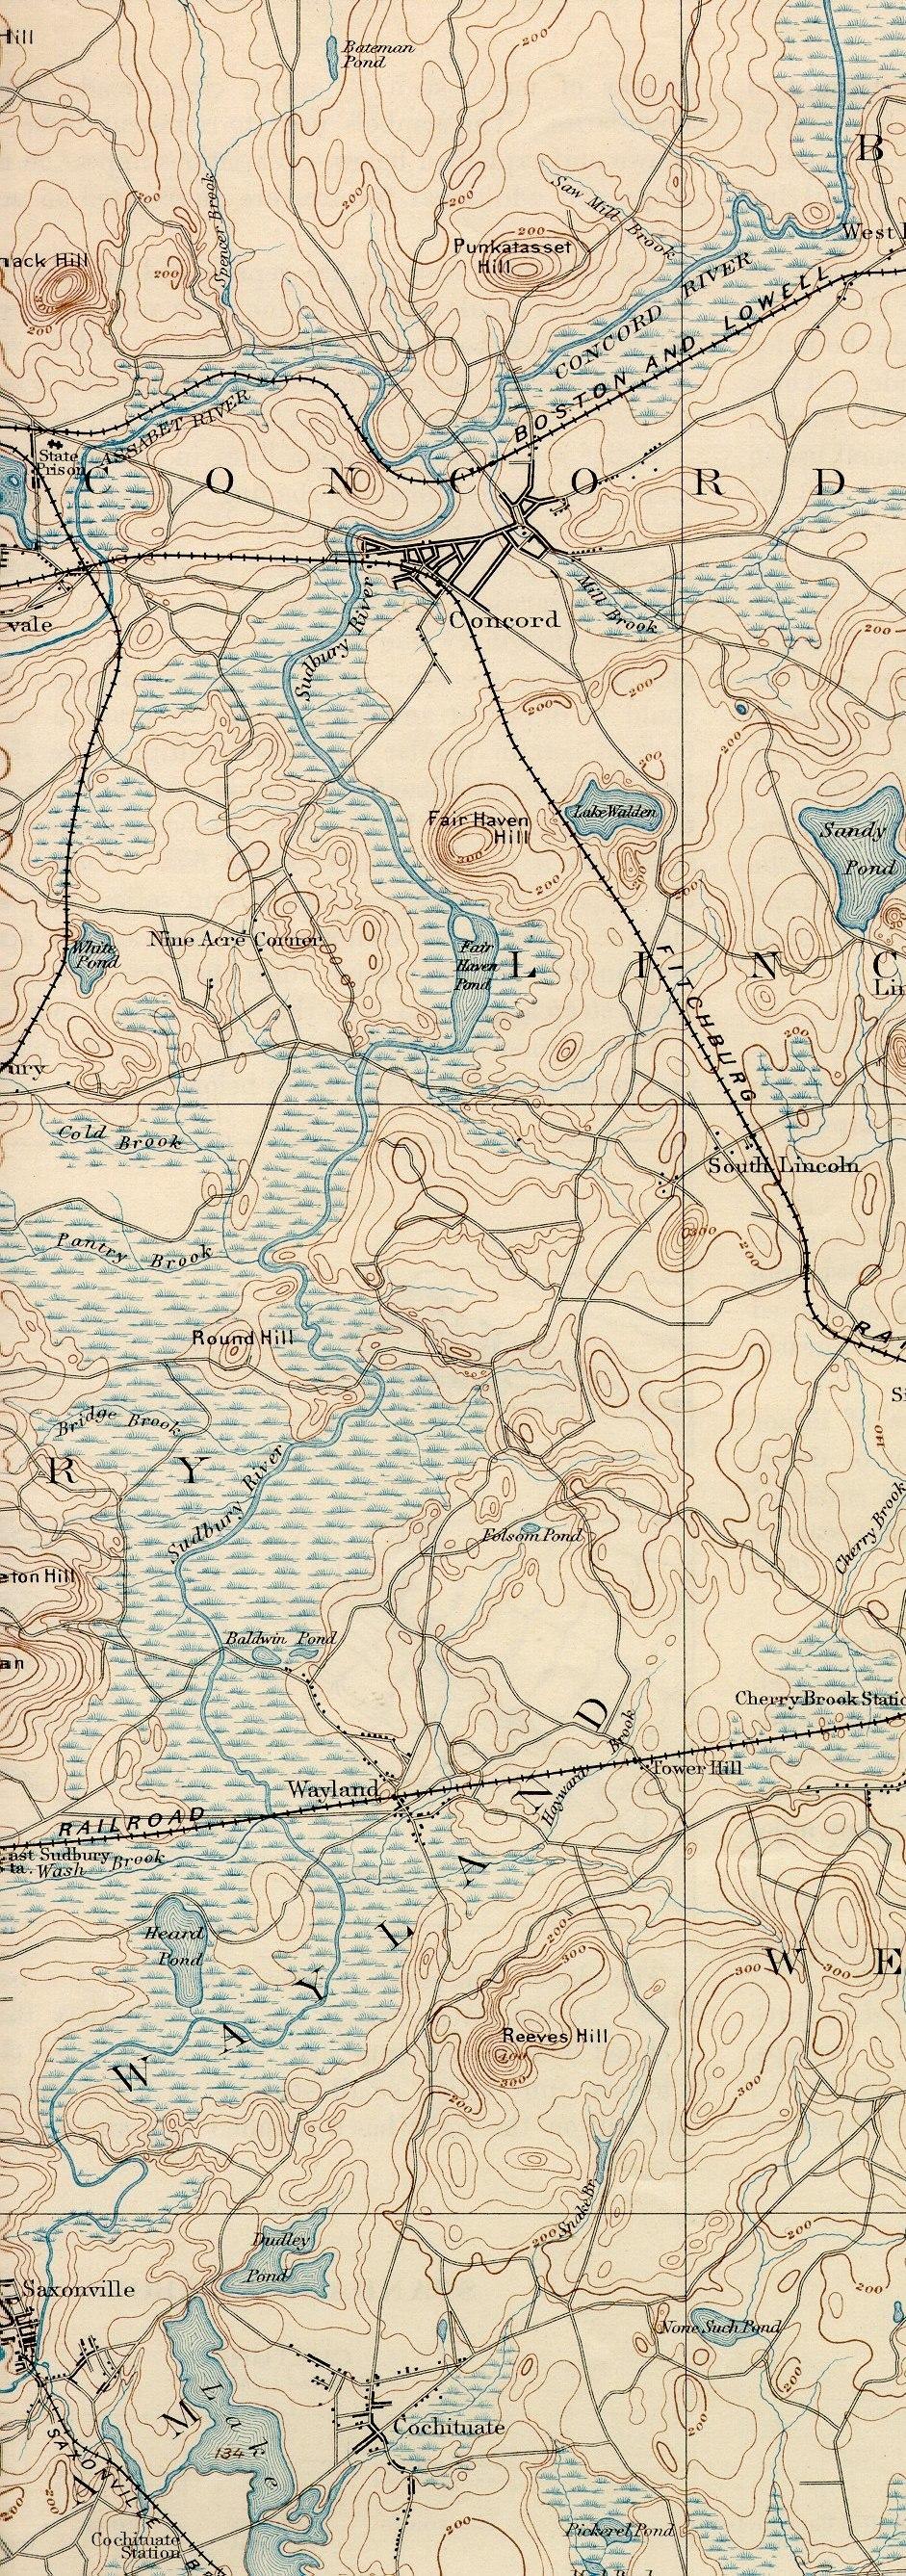 Sudbury River (Massachusetts) map